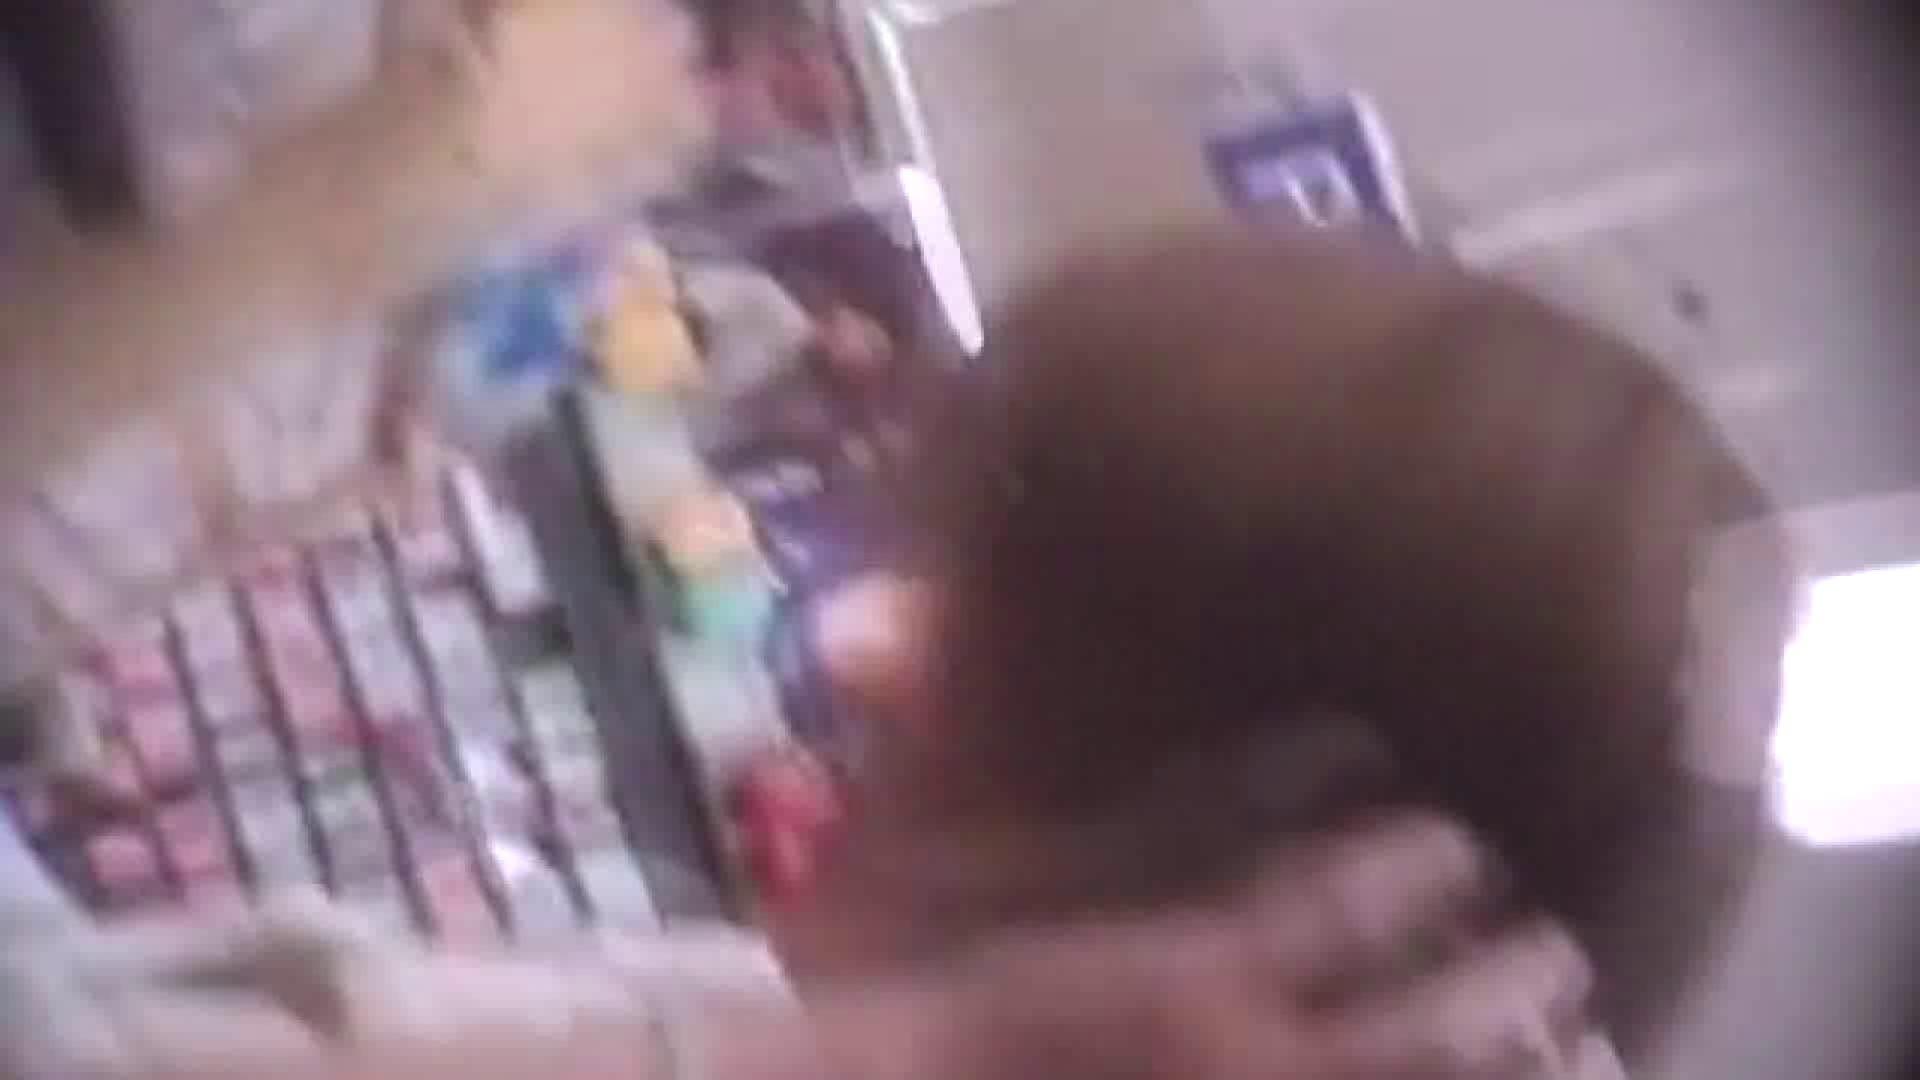 真剣に買い物中のgal達を上から下から狙います。vol.02 OLすけべ画像  27連発 22